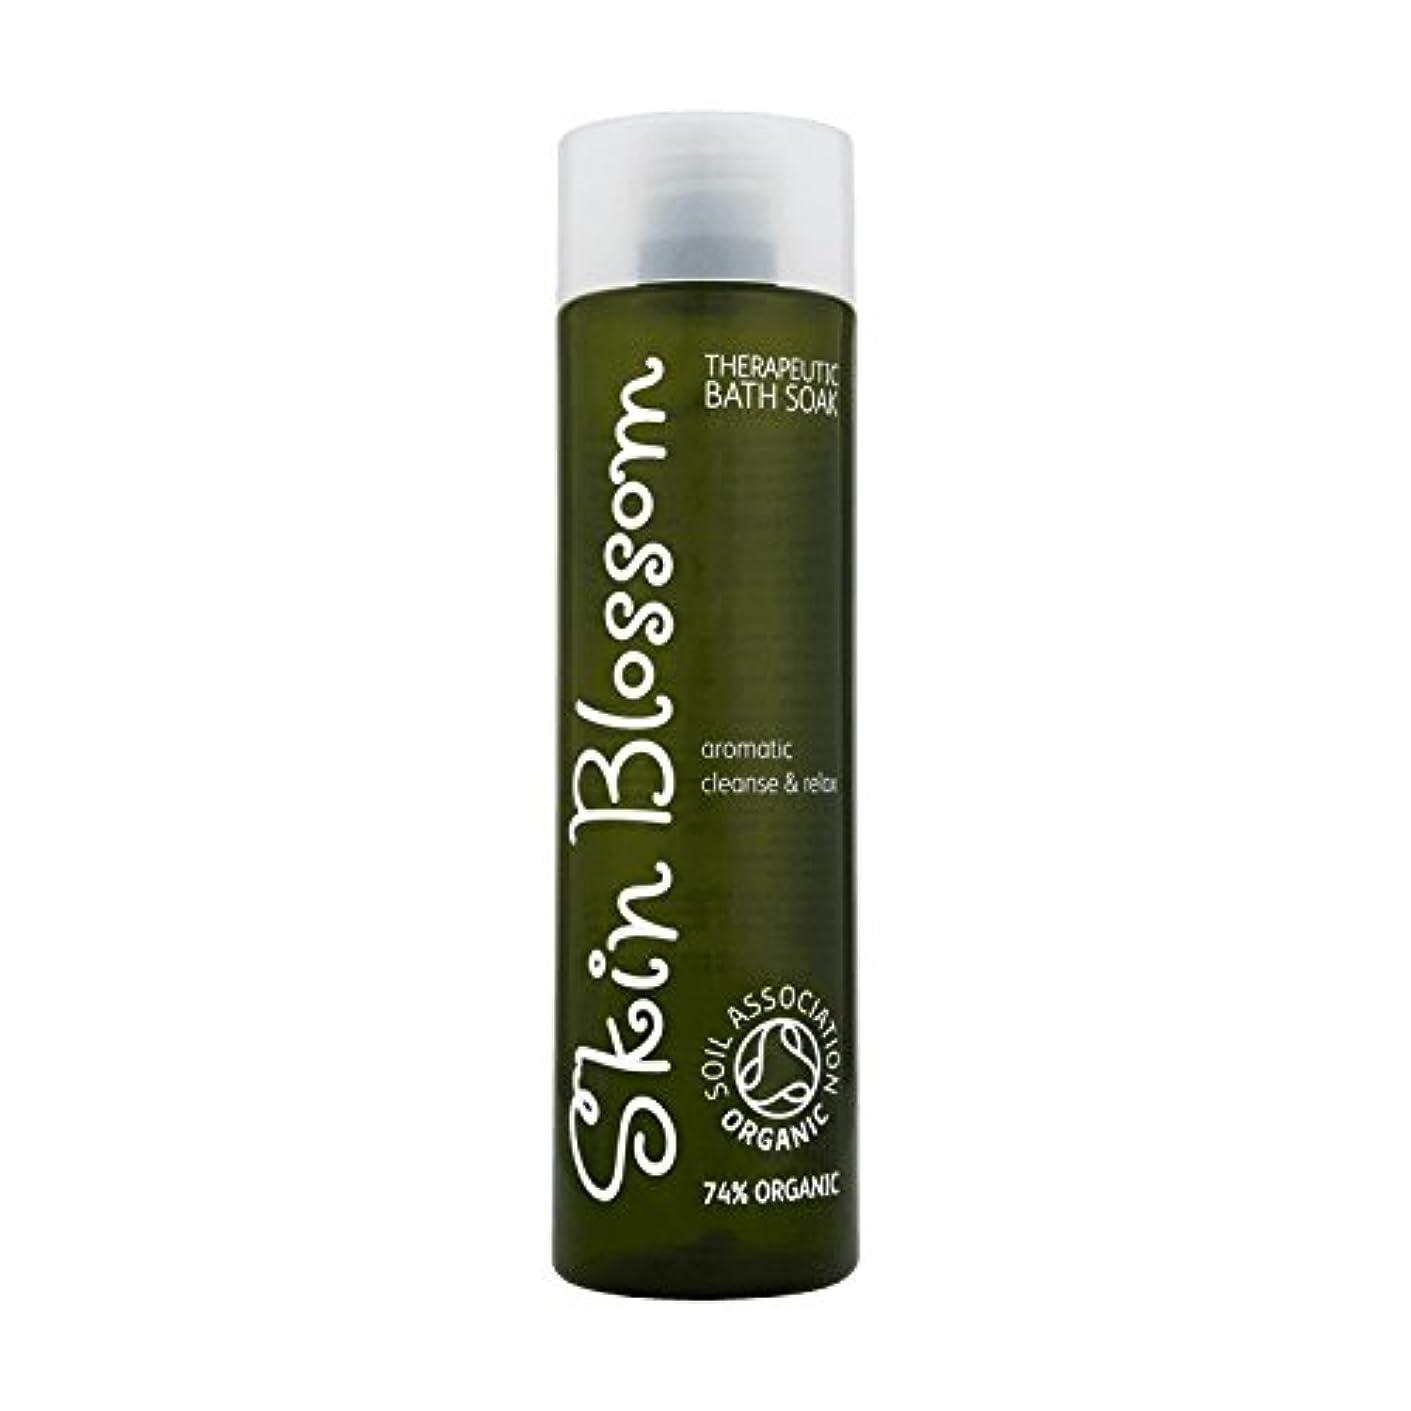 新着明るい事実Skin Blossom Therapeutic Bath Soak 300ml (Pack of 2) - 治療浴は300ミリリットルソーク皮膚の花 (x2) [並行輸入品]